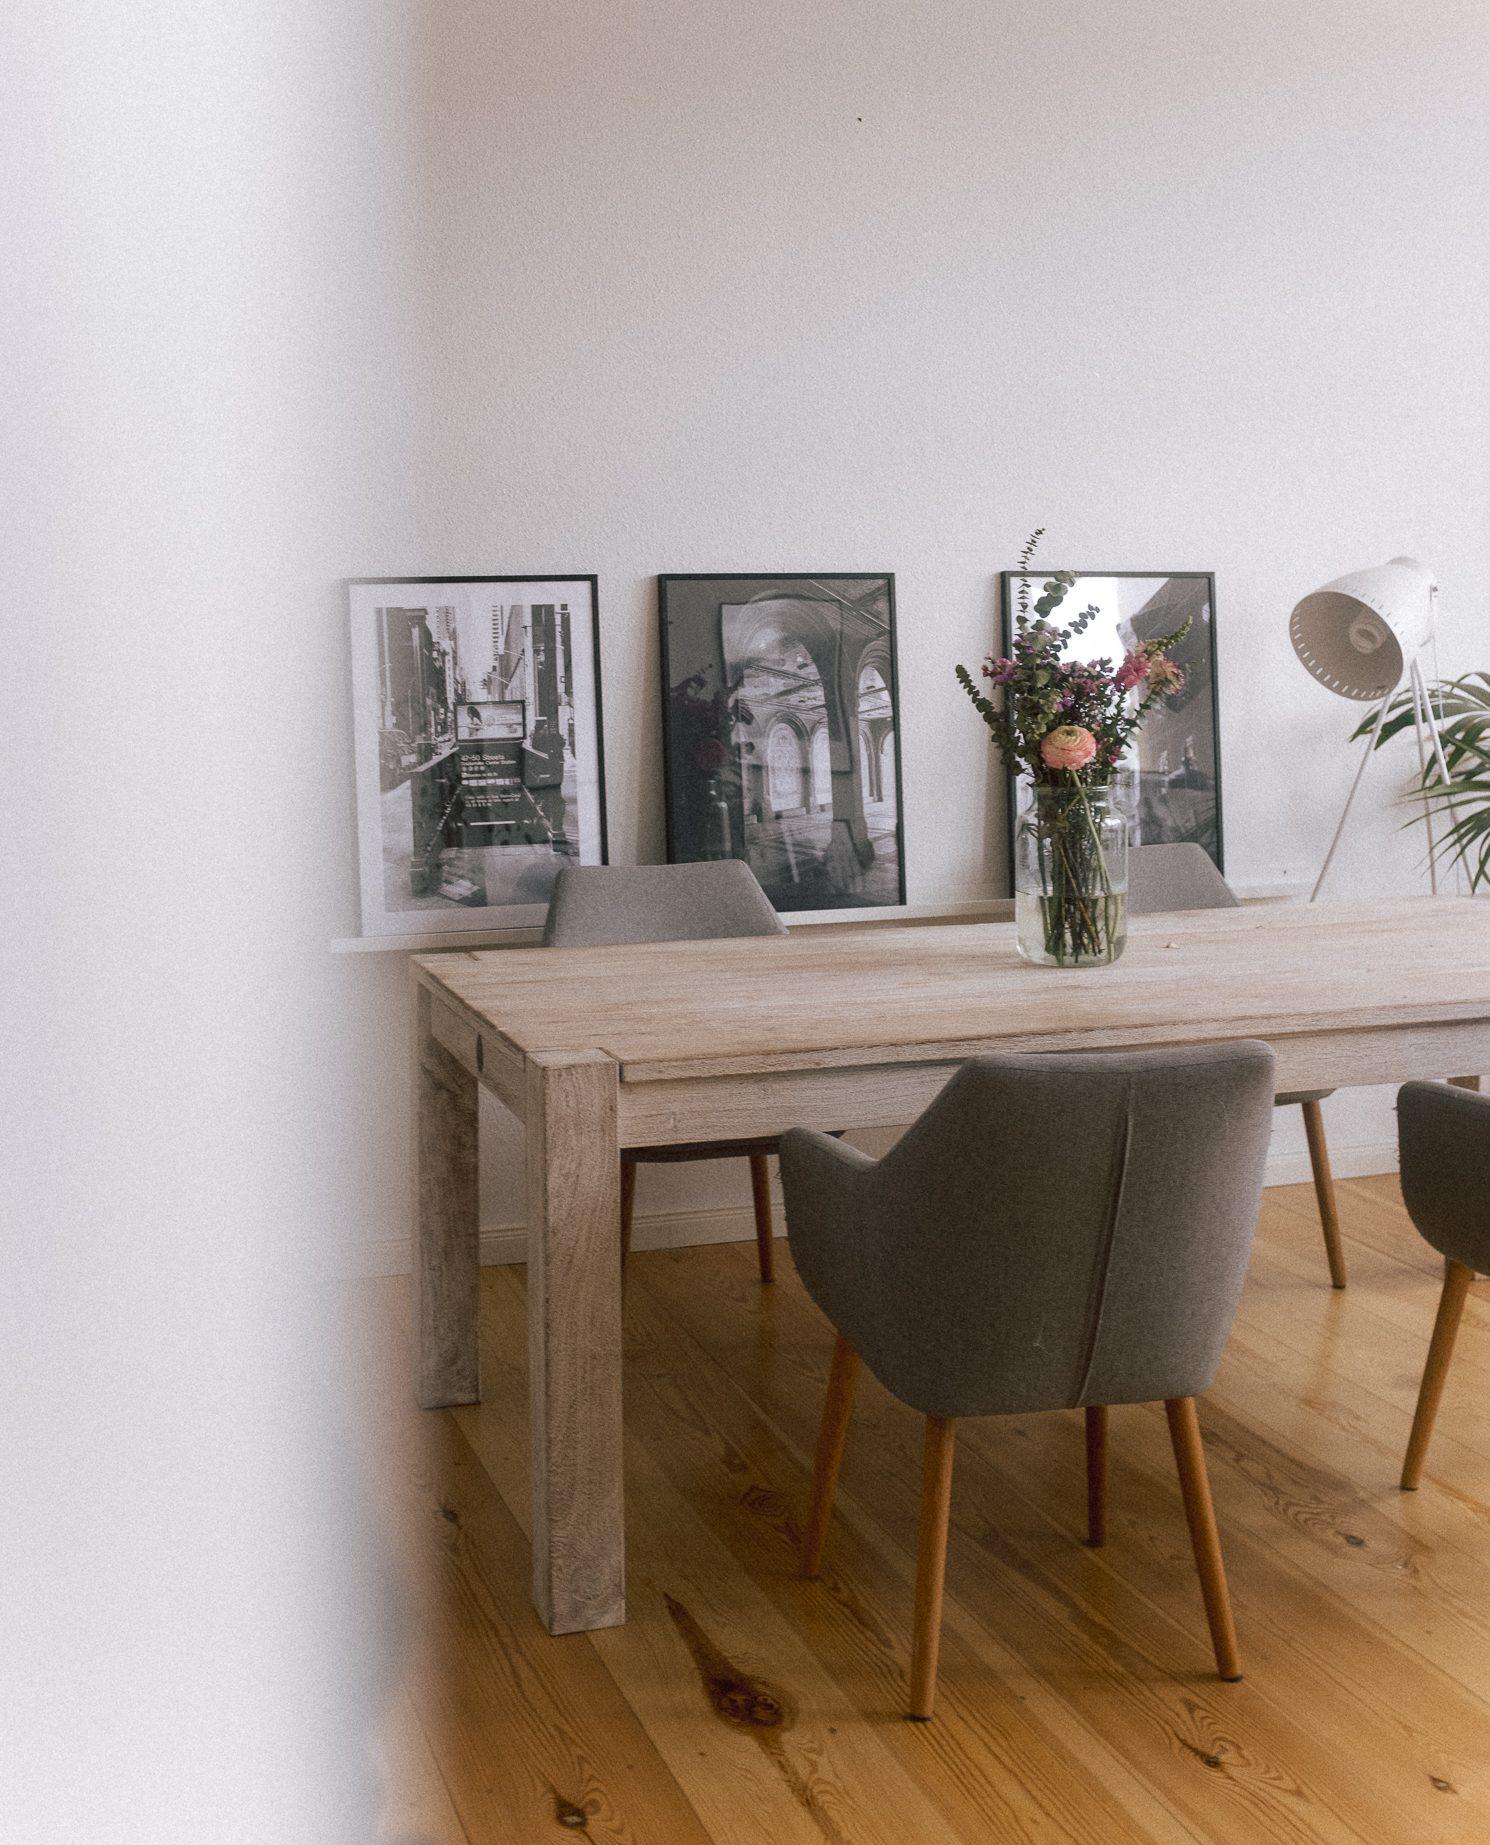 Arbeitszimmer Update mit Desenio Studio-Kollektion fashionzauber-arbeitszimmer-einrichtung-interior-desenio-studio-collection-cosmopolitan